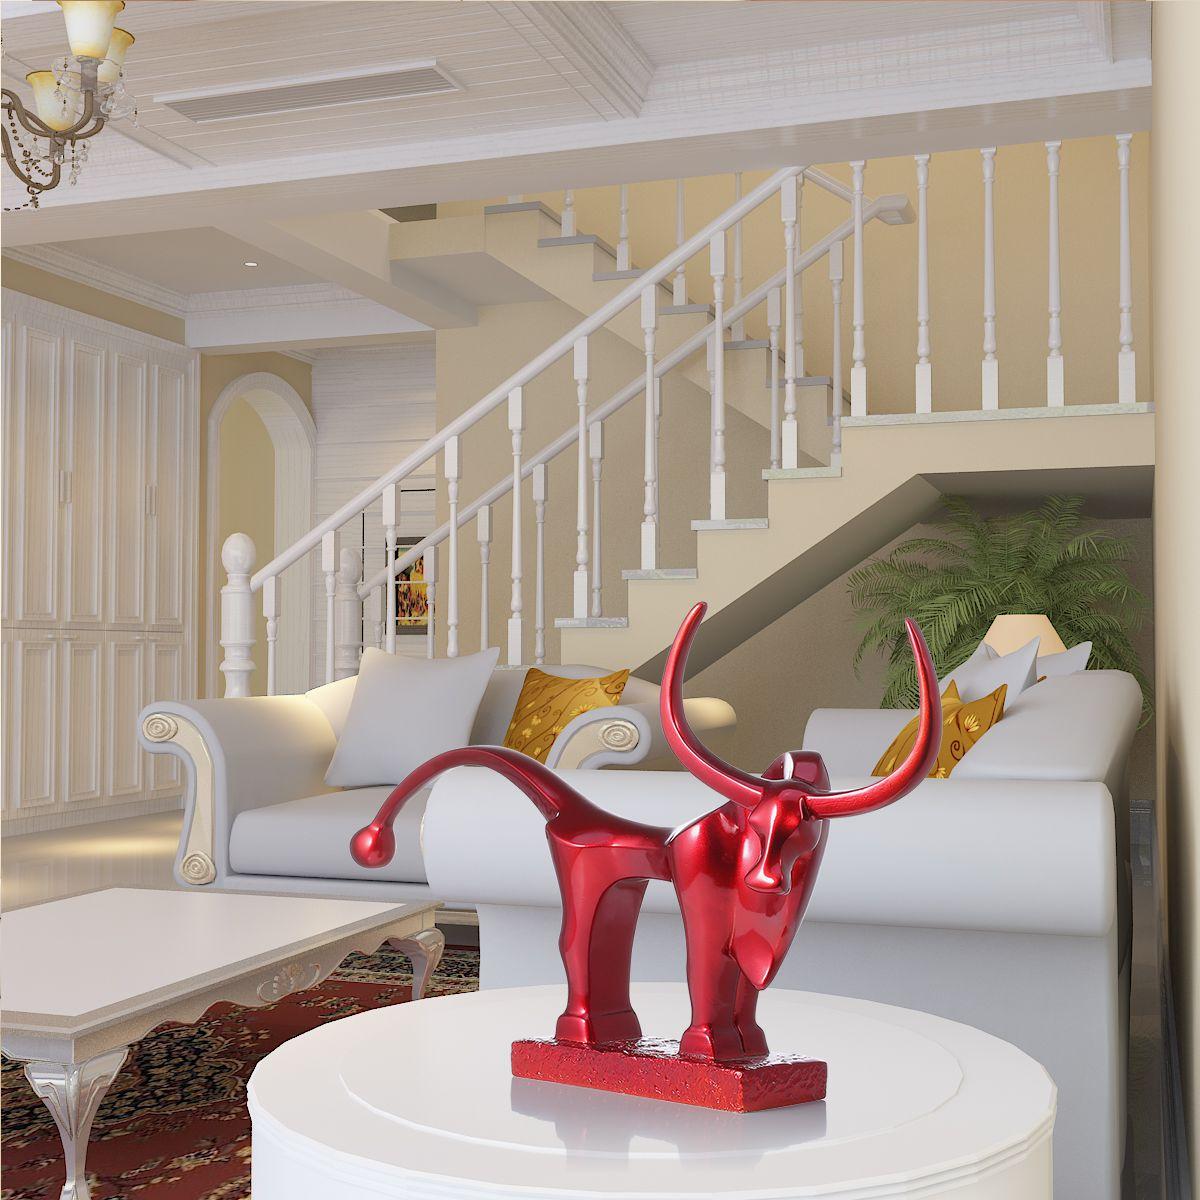 Cattle Modern Sculpture Long Tail Cattle Resin Sculpture Fiberglass Exaggerate Modern Art Ornament Indoor Decor Statue Figurine Скульптура